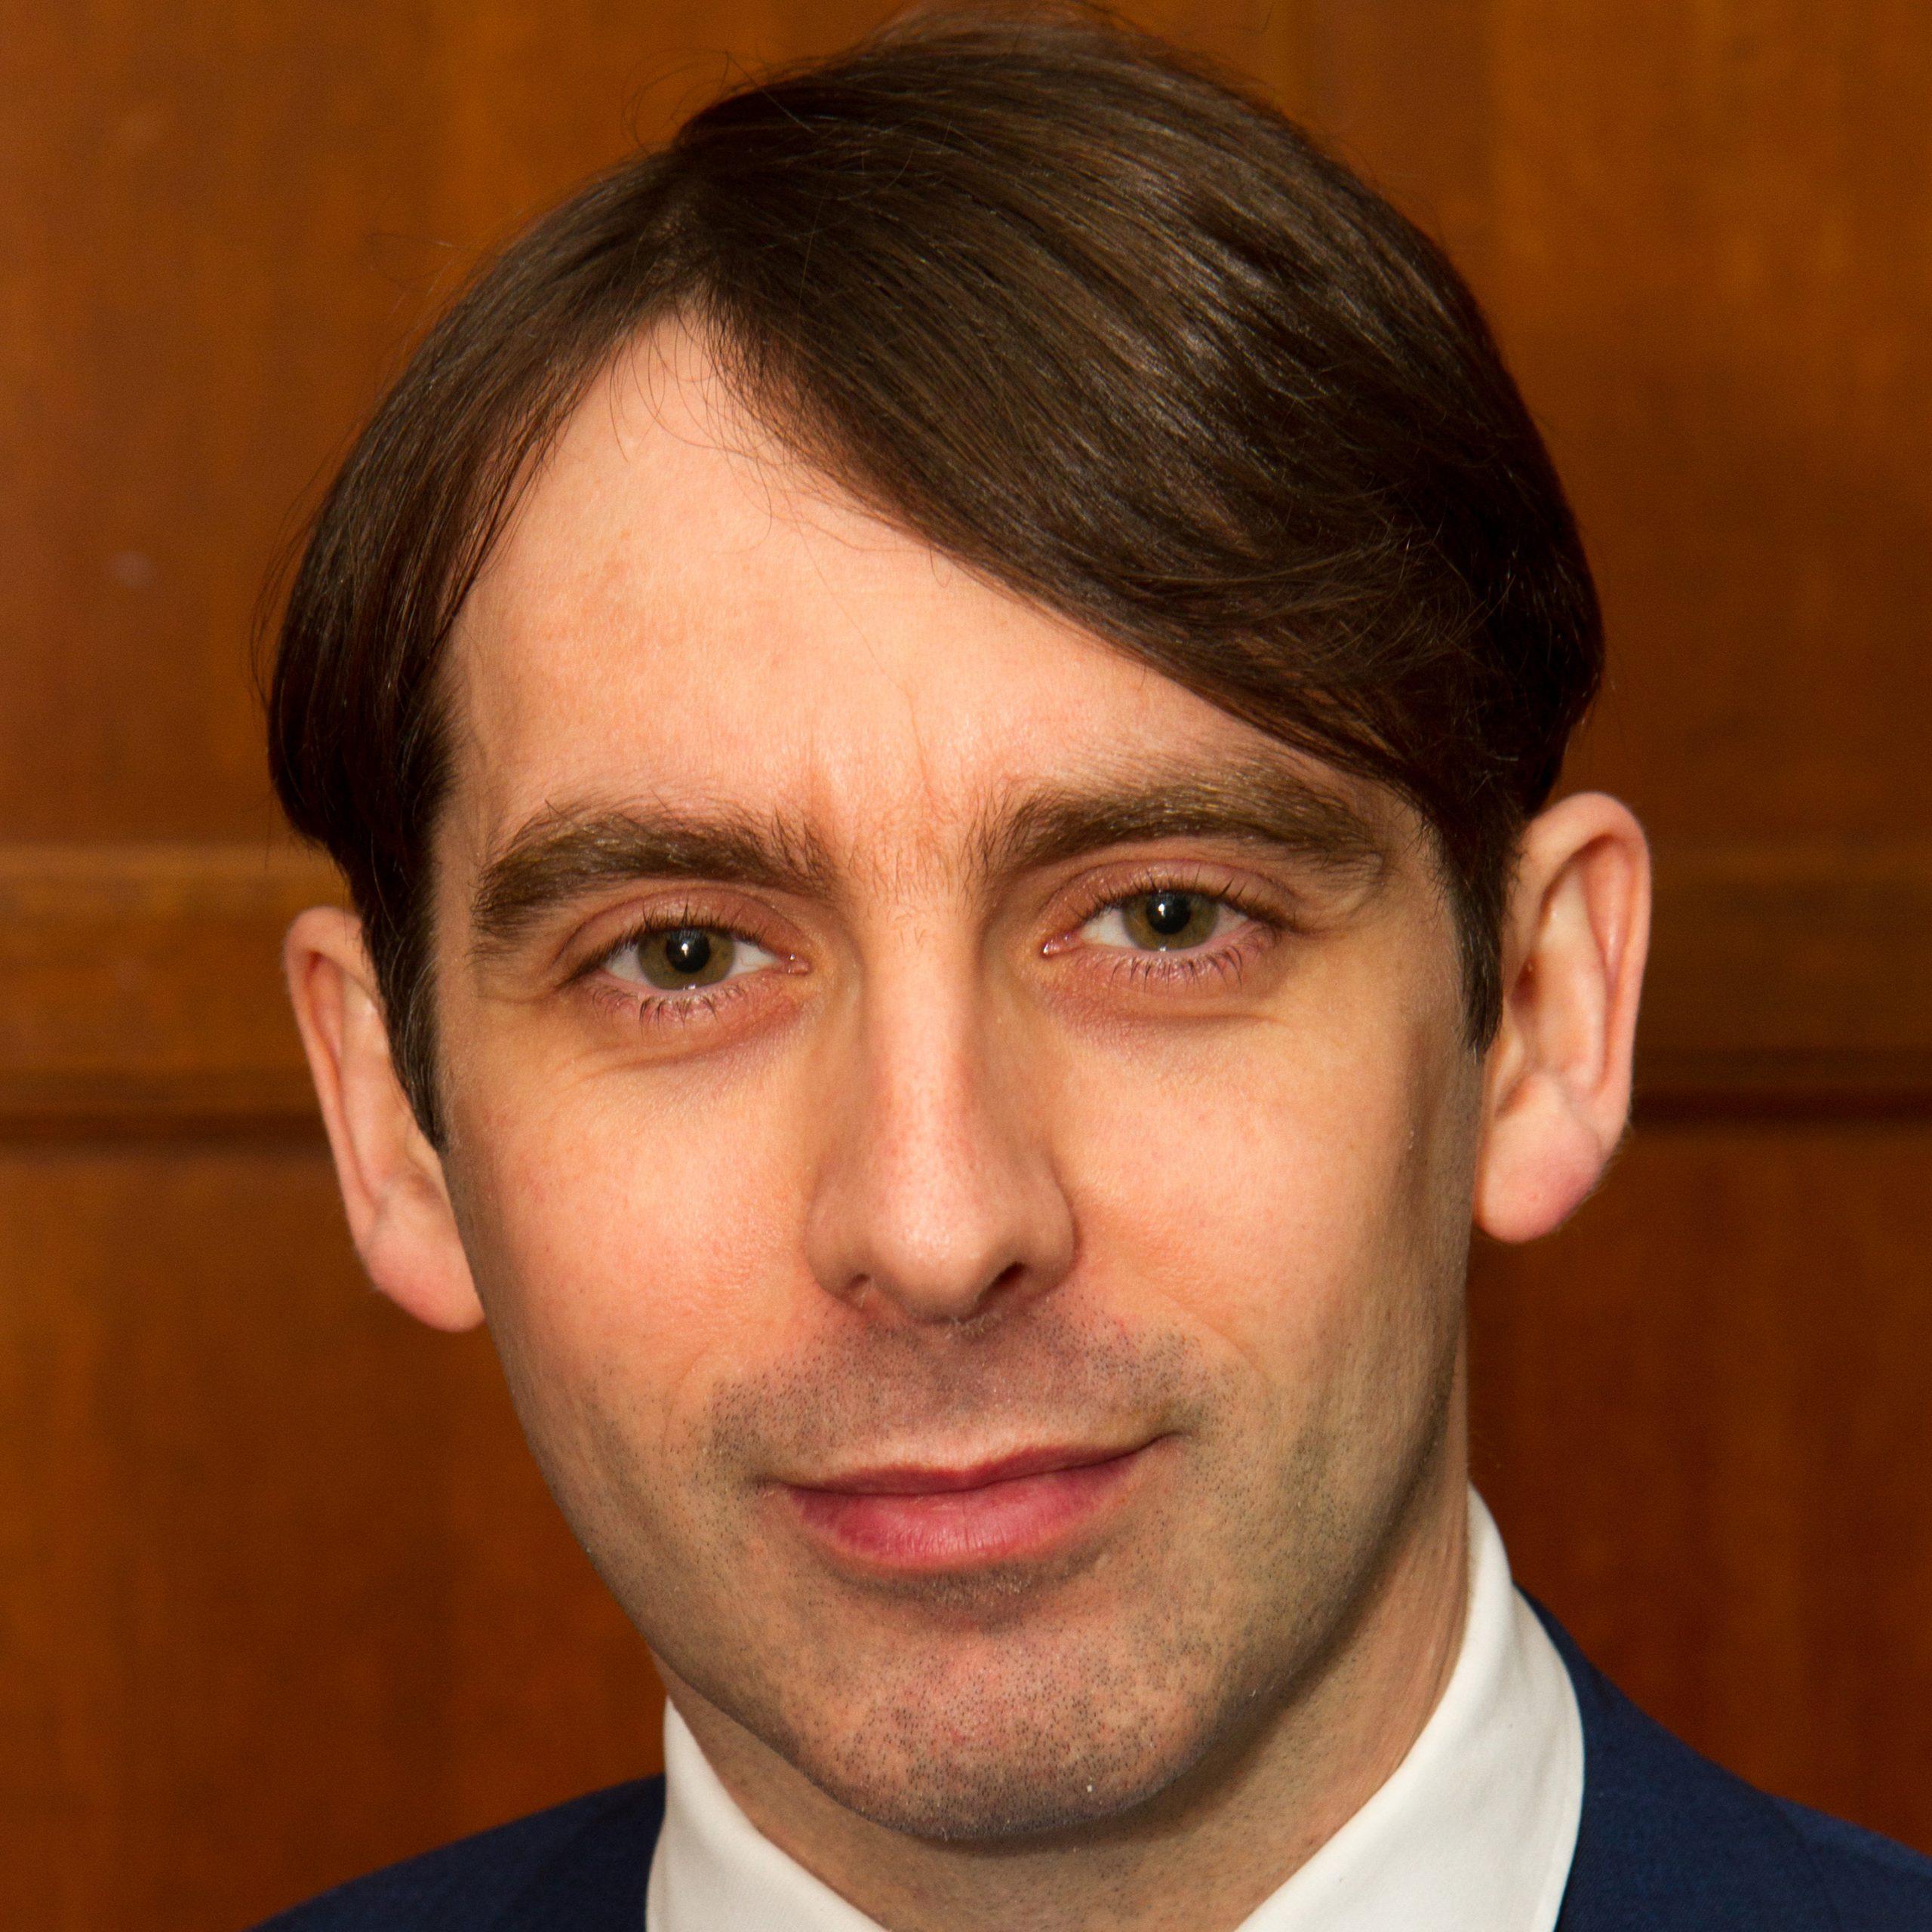 Dr. John Dinsmore